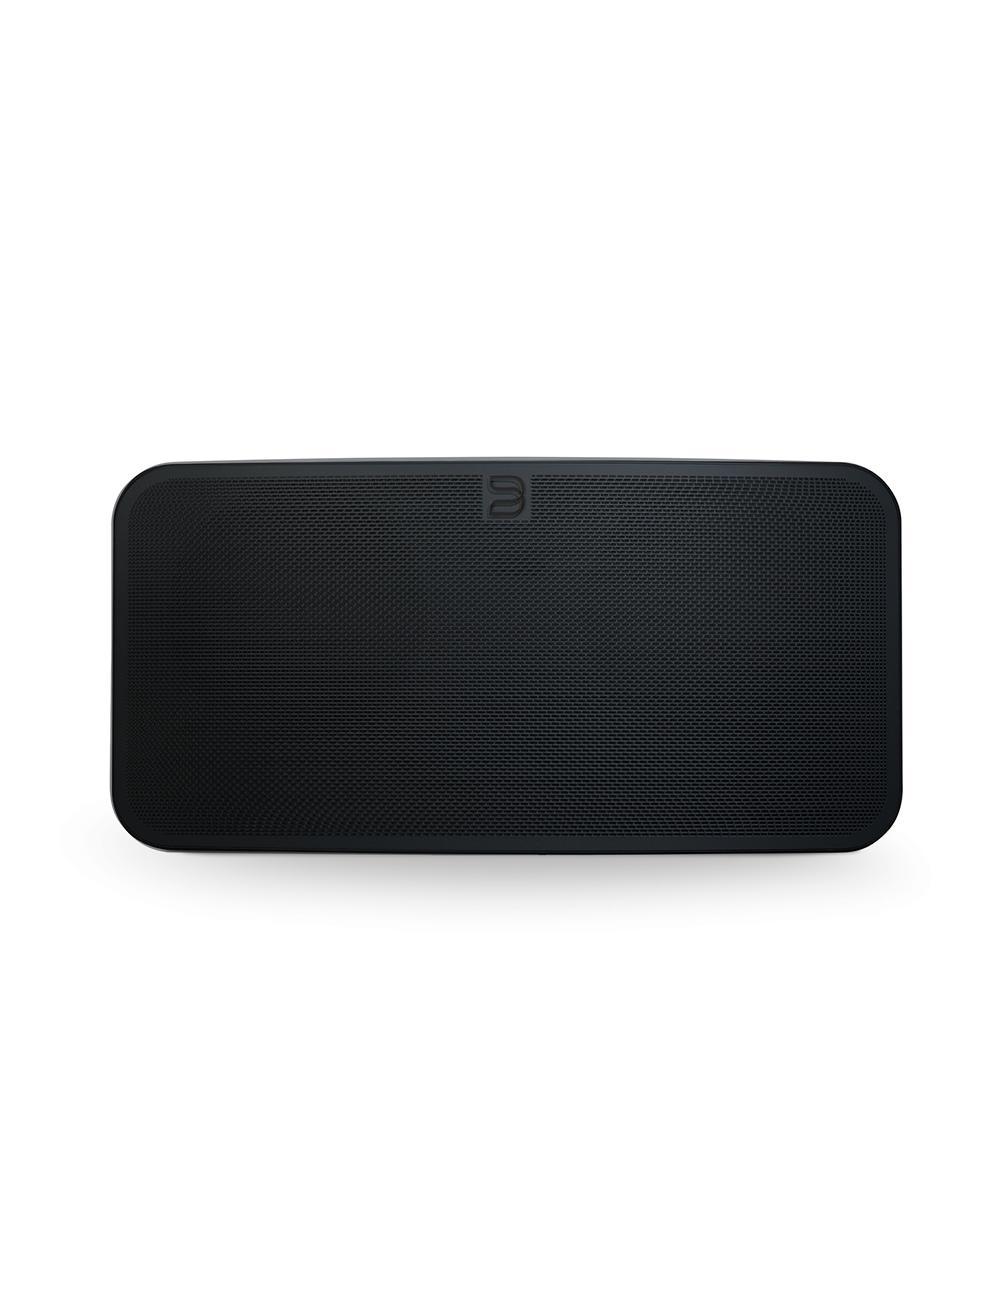 diffusore wireless streaming HiFi, Bluesound Pulse Mini 2i, vista frontale, finitura nero